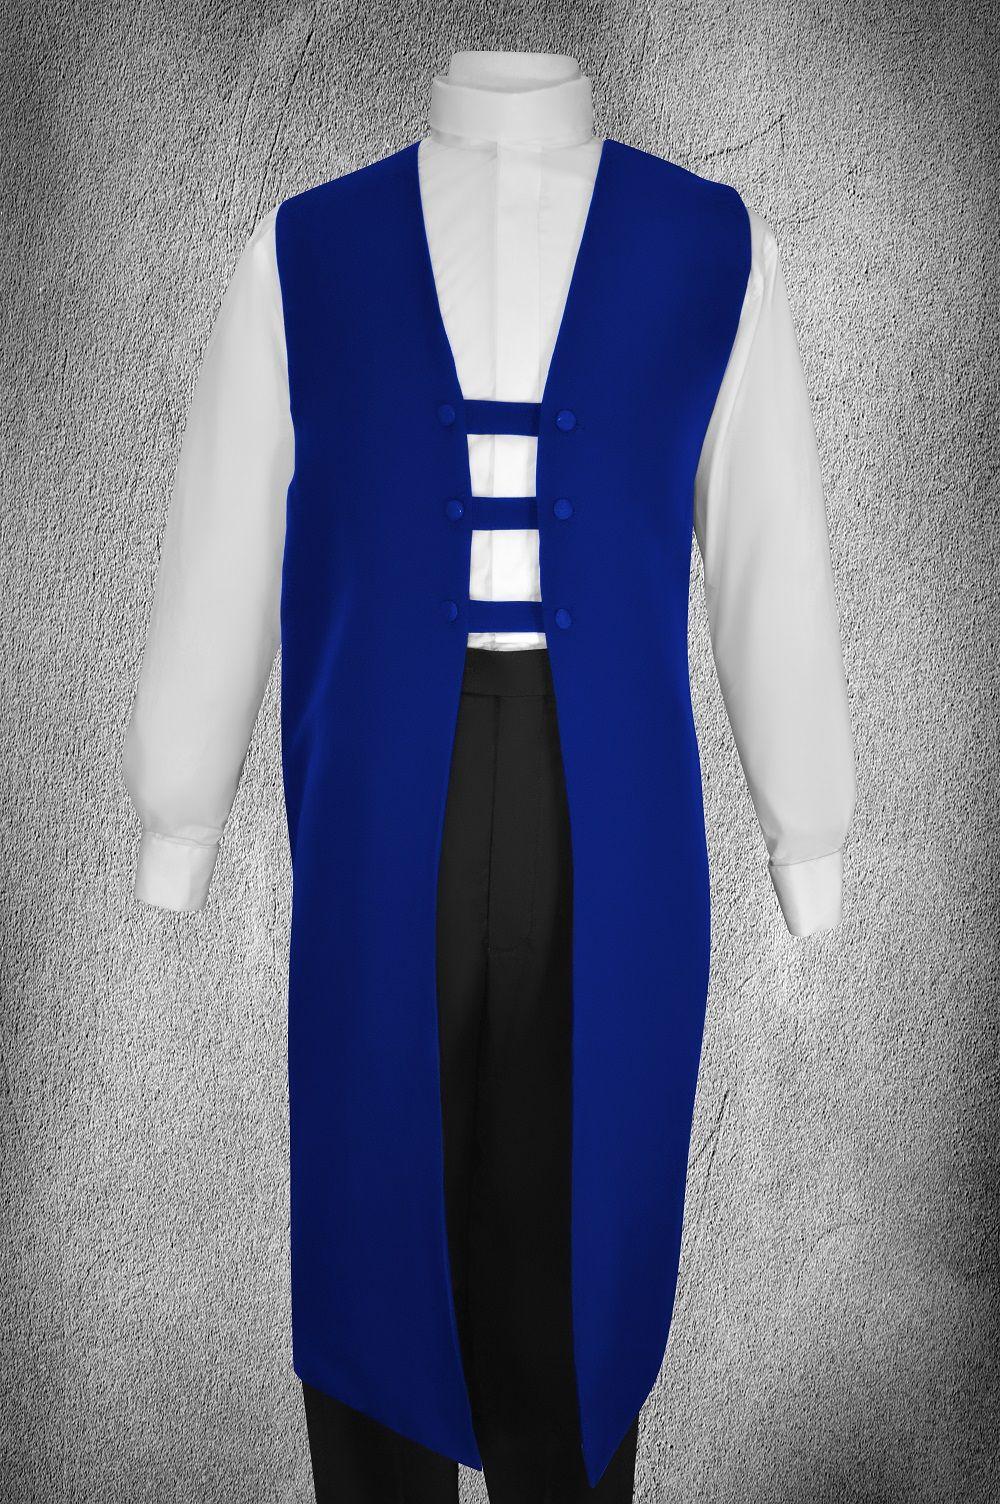 Ministerial Full Collar Vesture Set Royal/White